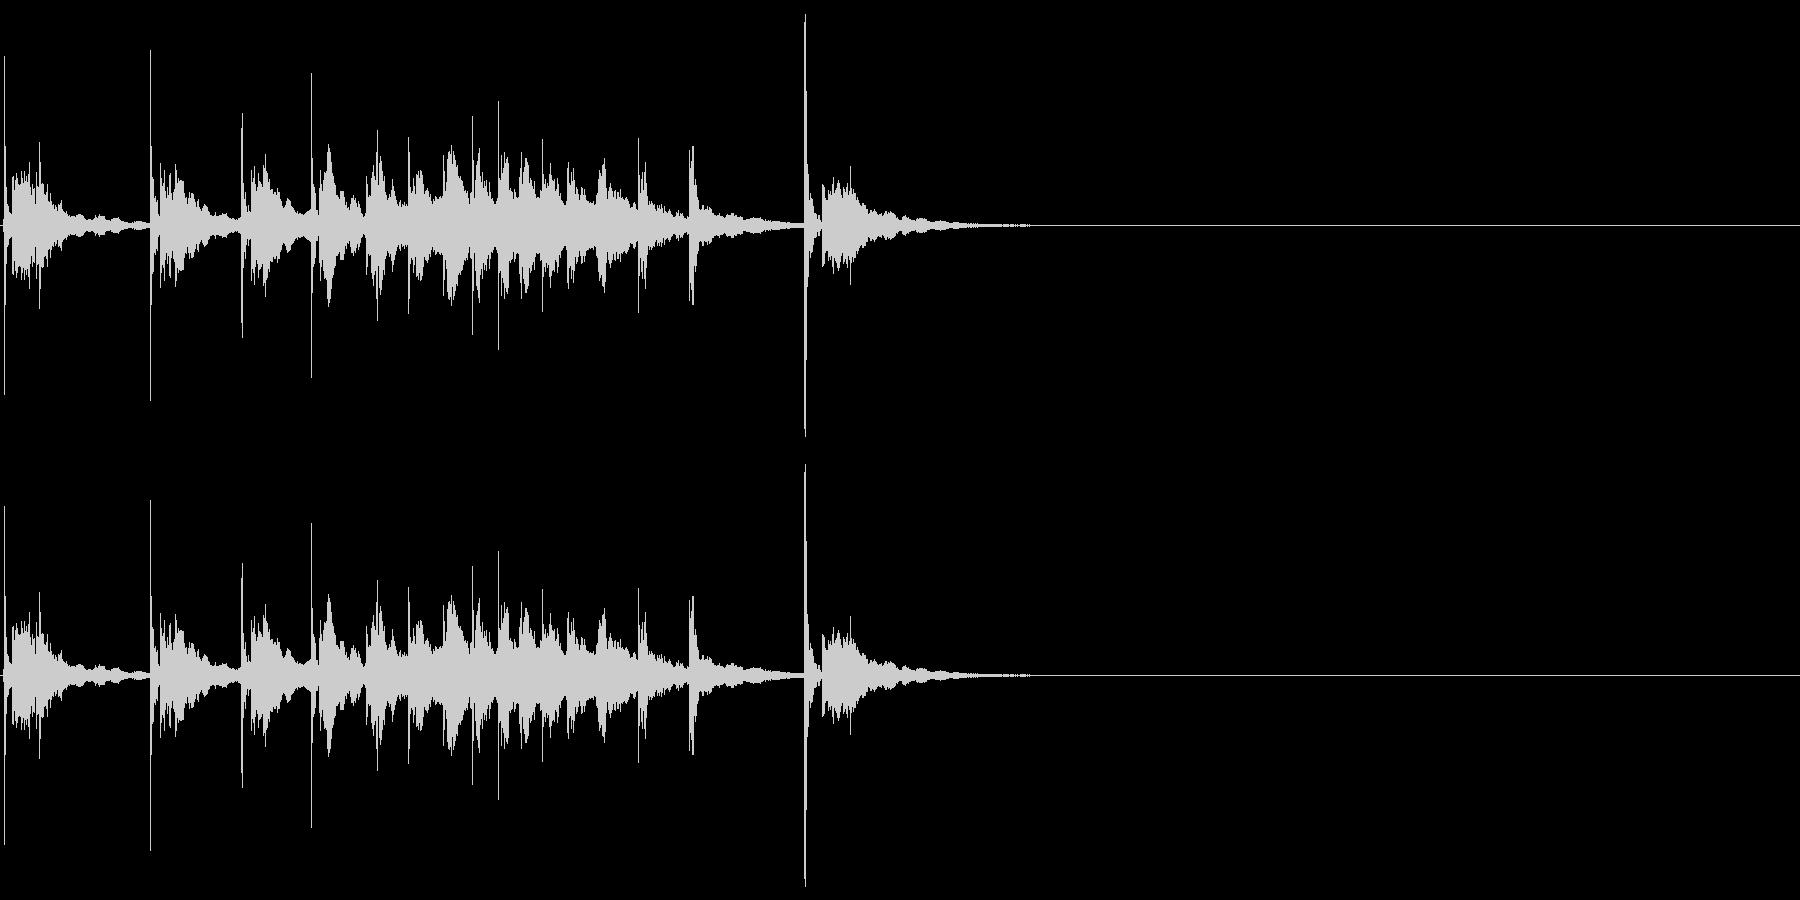 生演奏 琵琶 和風 古典風#14の未再生の波形